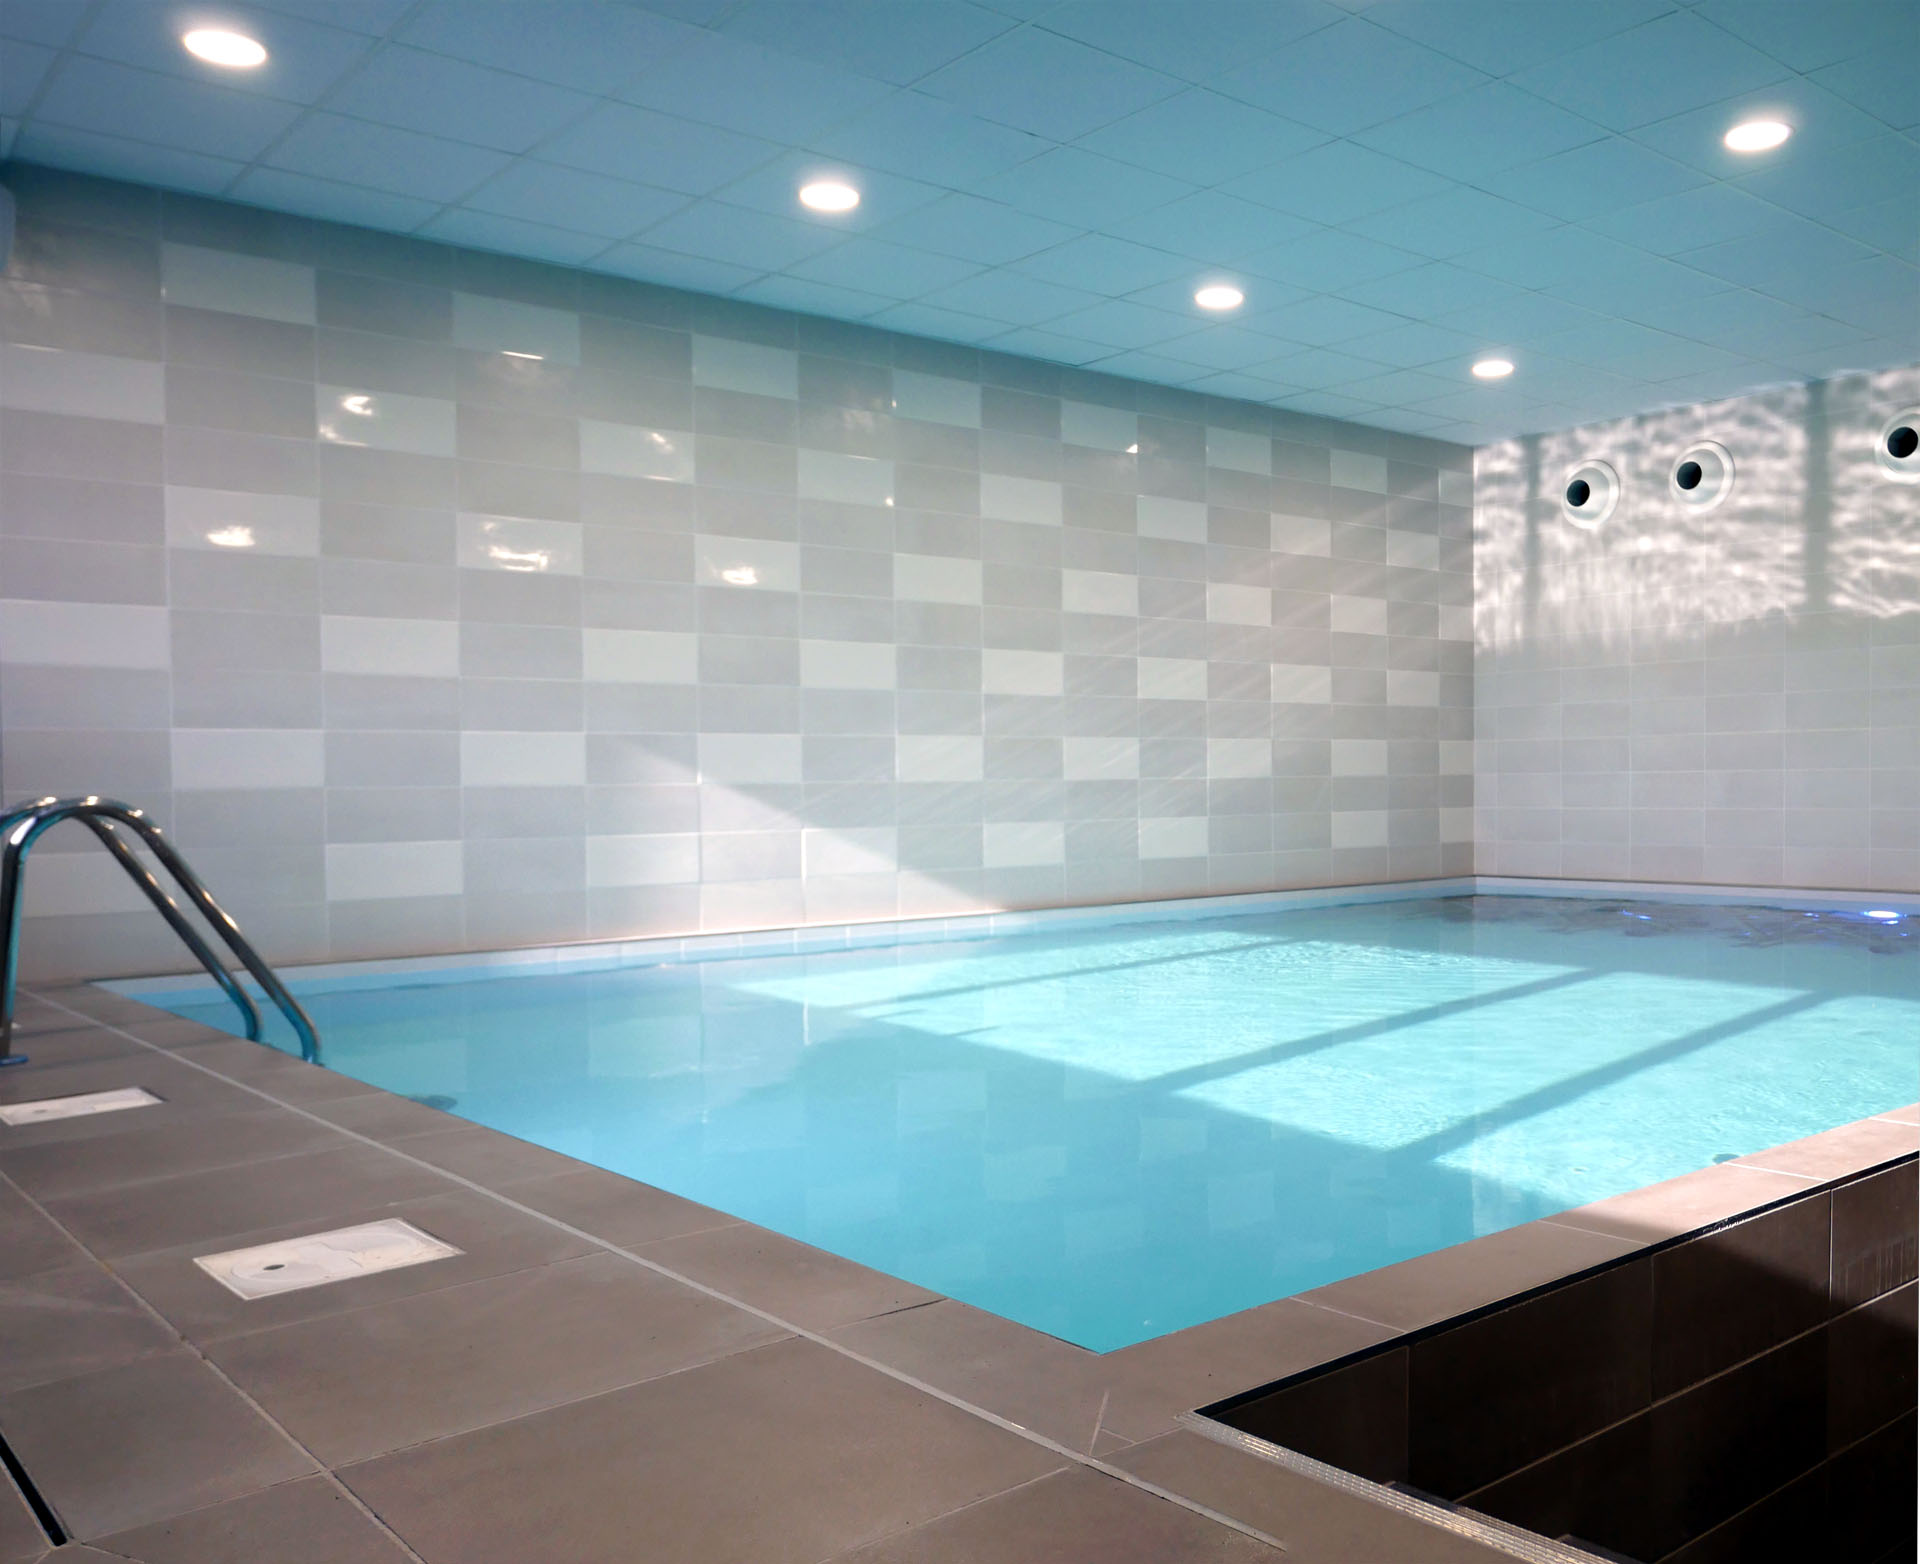 mise en eau de la piscine du centre aquatique architectes. Black Bedroom Furniture Sets. Home Design Ideas